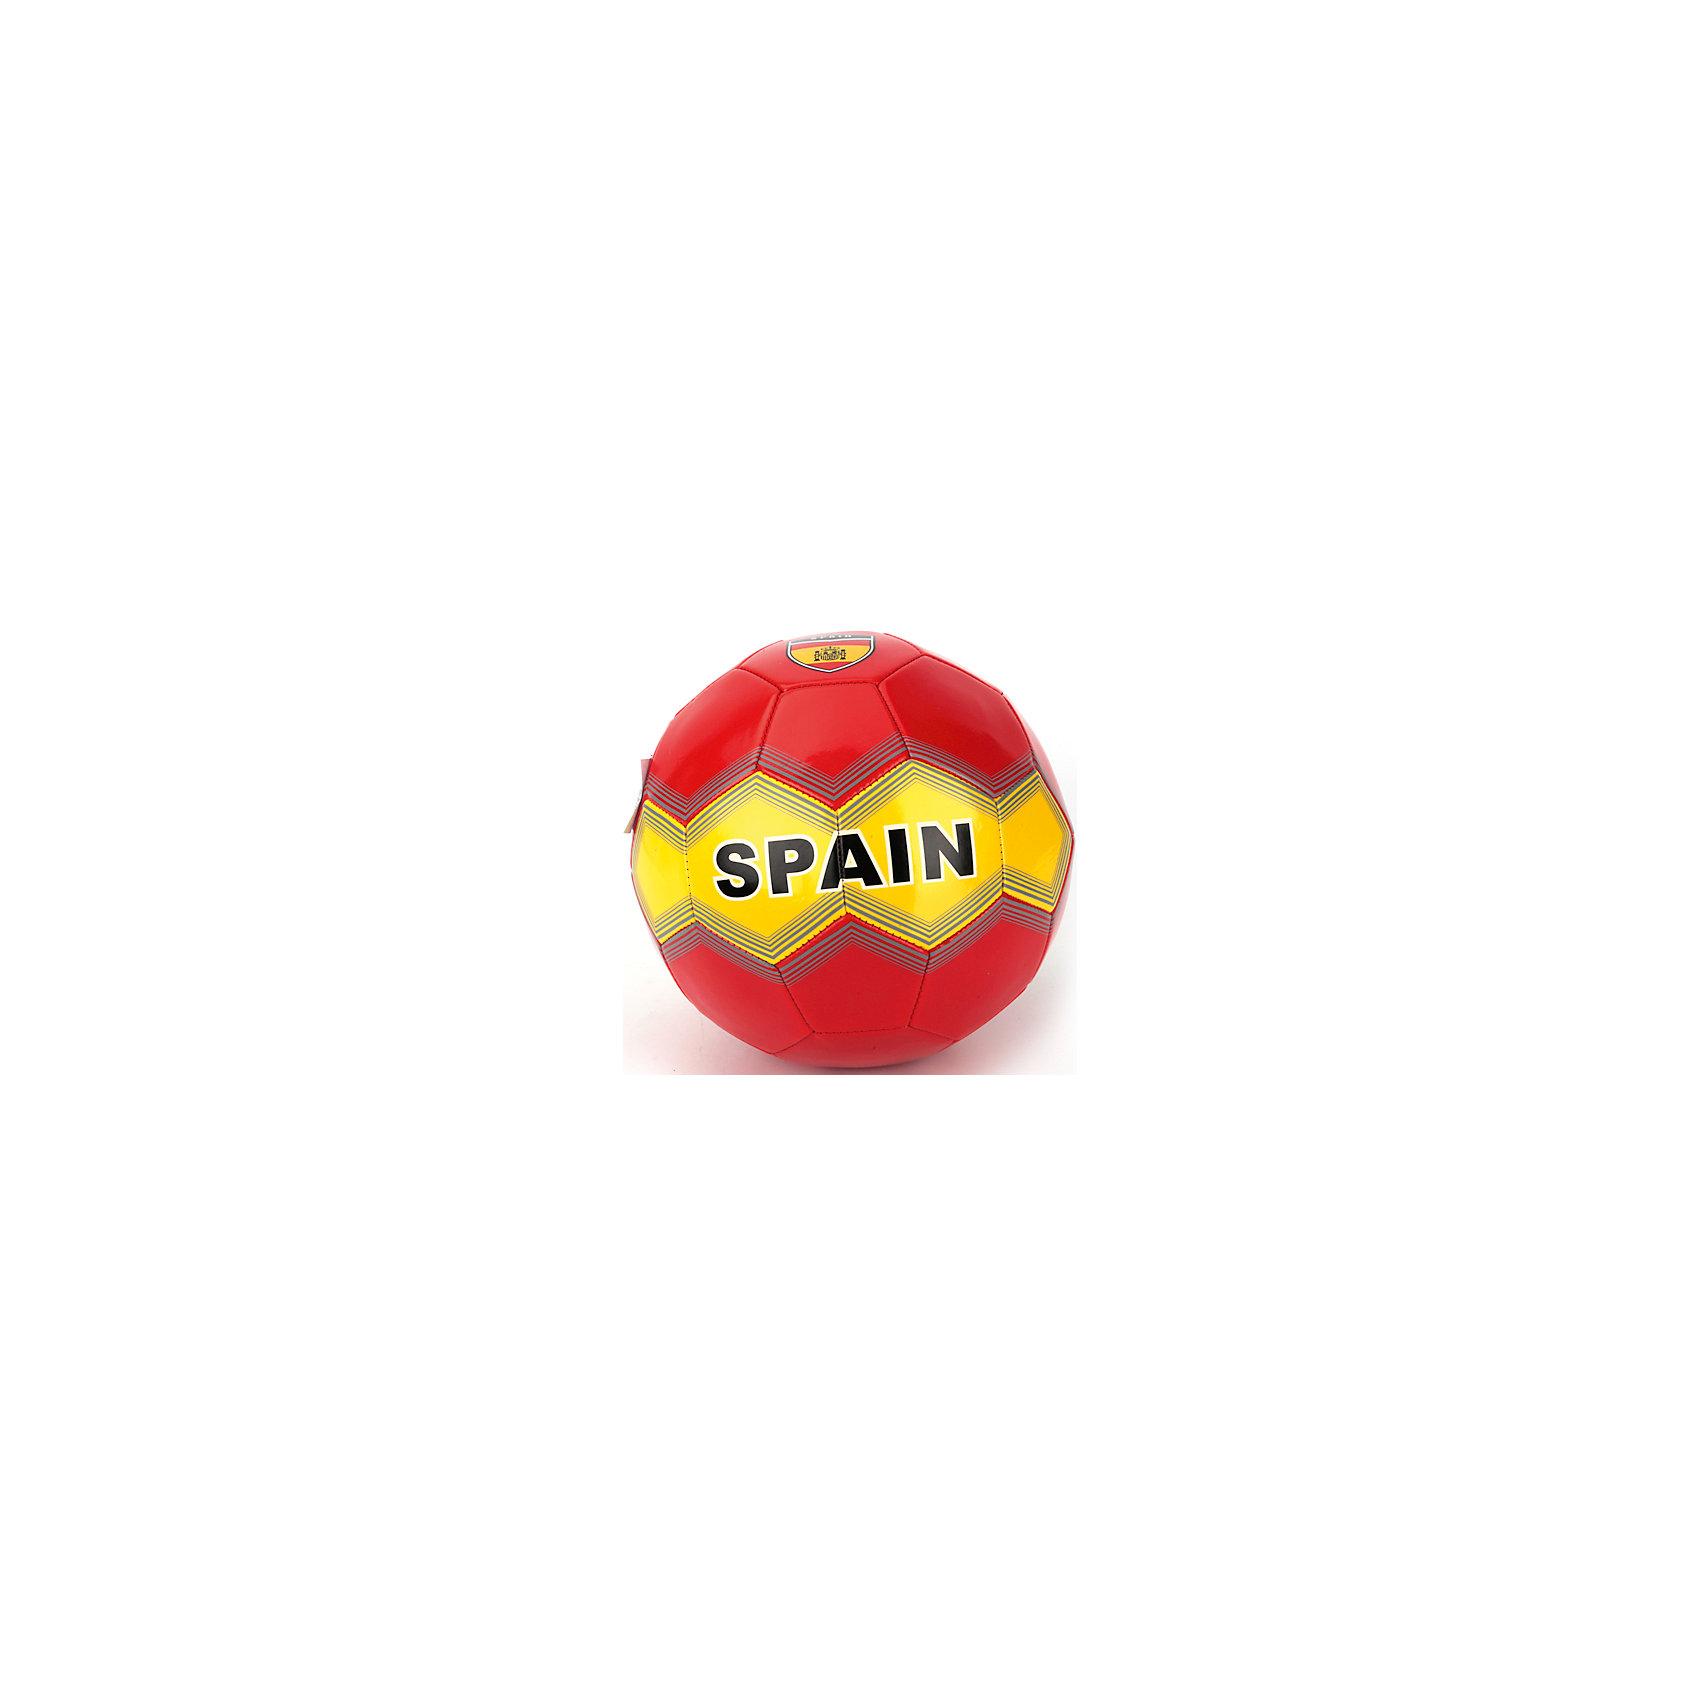 Футбольный мячСборная Испании, АтлетикМяч футбольный лакированный, ПВХ, 1 слой, 270 грамм, дизайн Сборная Испании.<br><br>Ширина мм: 230<br>Глубина мм: 230<br>Высота мм: 230<br>Вес г: 280<br>Возраст от месяцев: 36<br>Возраст до месяцев: 96<br>Пол: Мужской<br>Возраст: Детский<br>SKU: 5528141